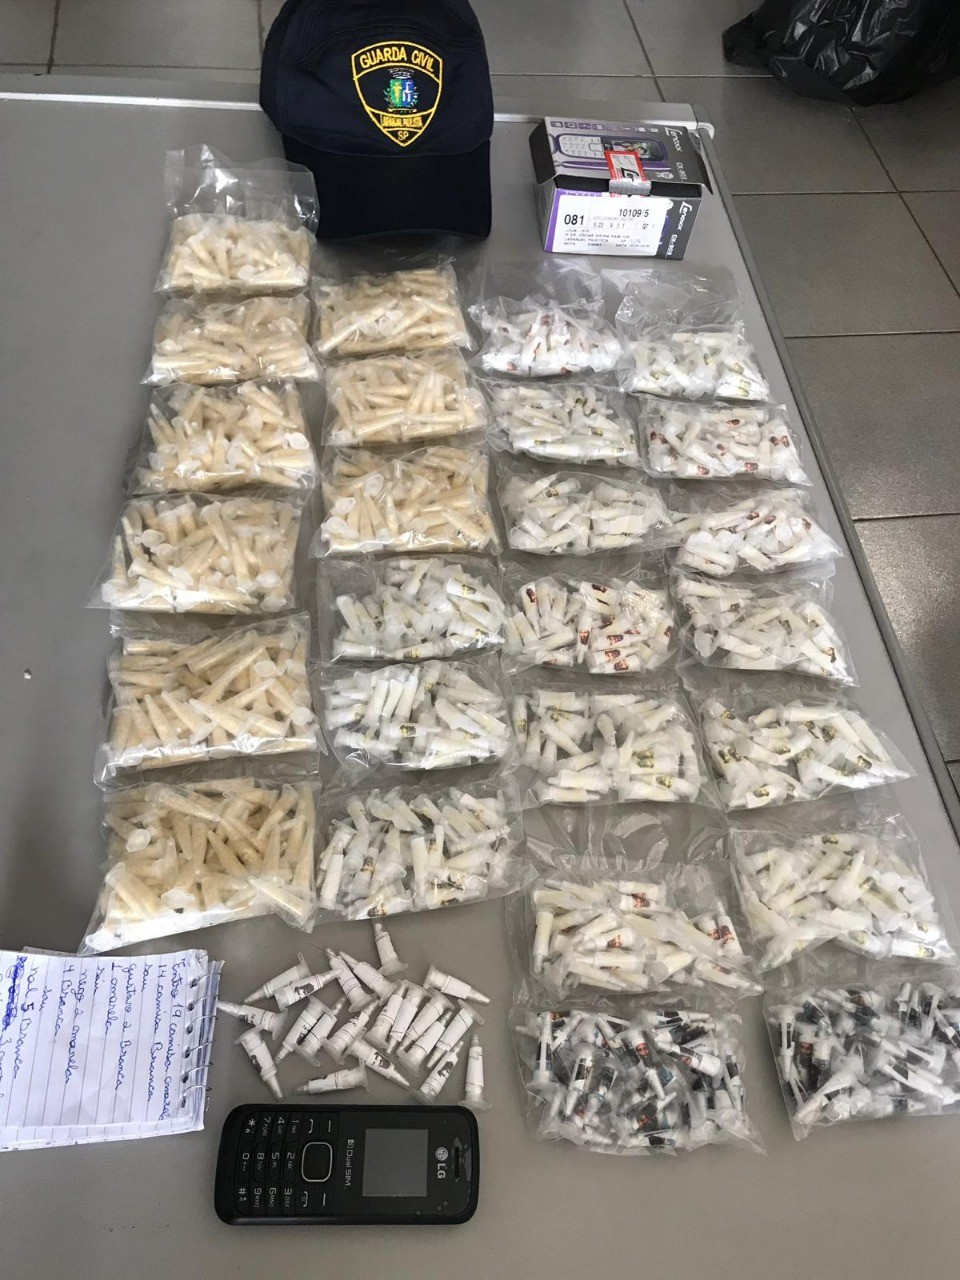 Guarda Civil apreende mais de 500 pinos de cocaína em Laranjal Paulista